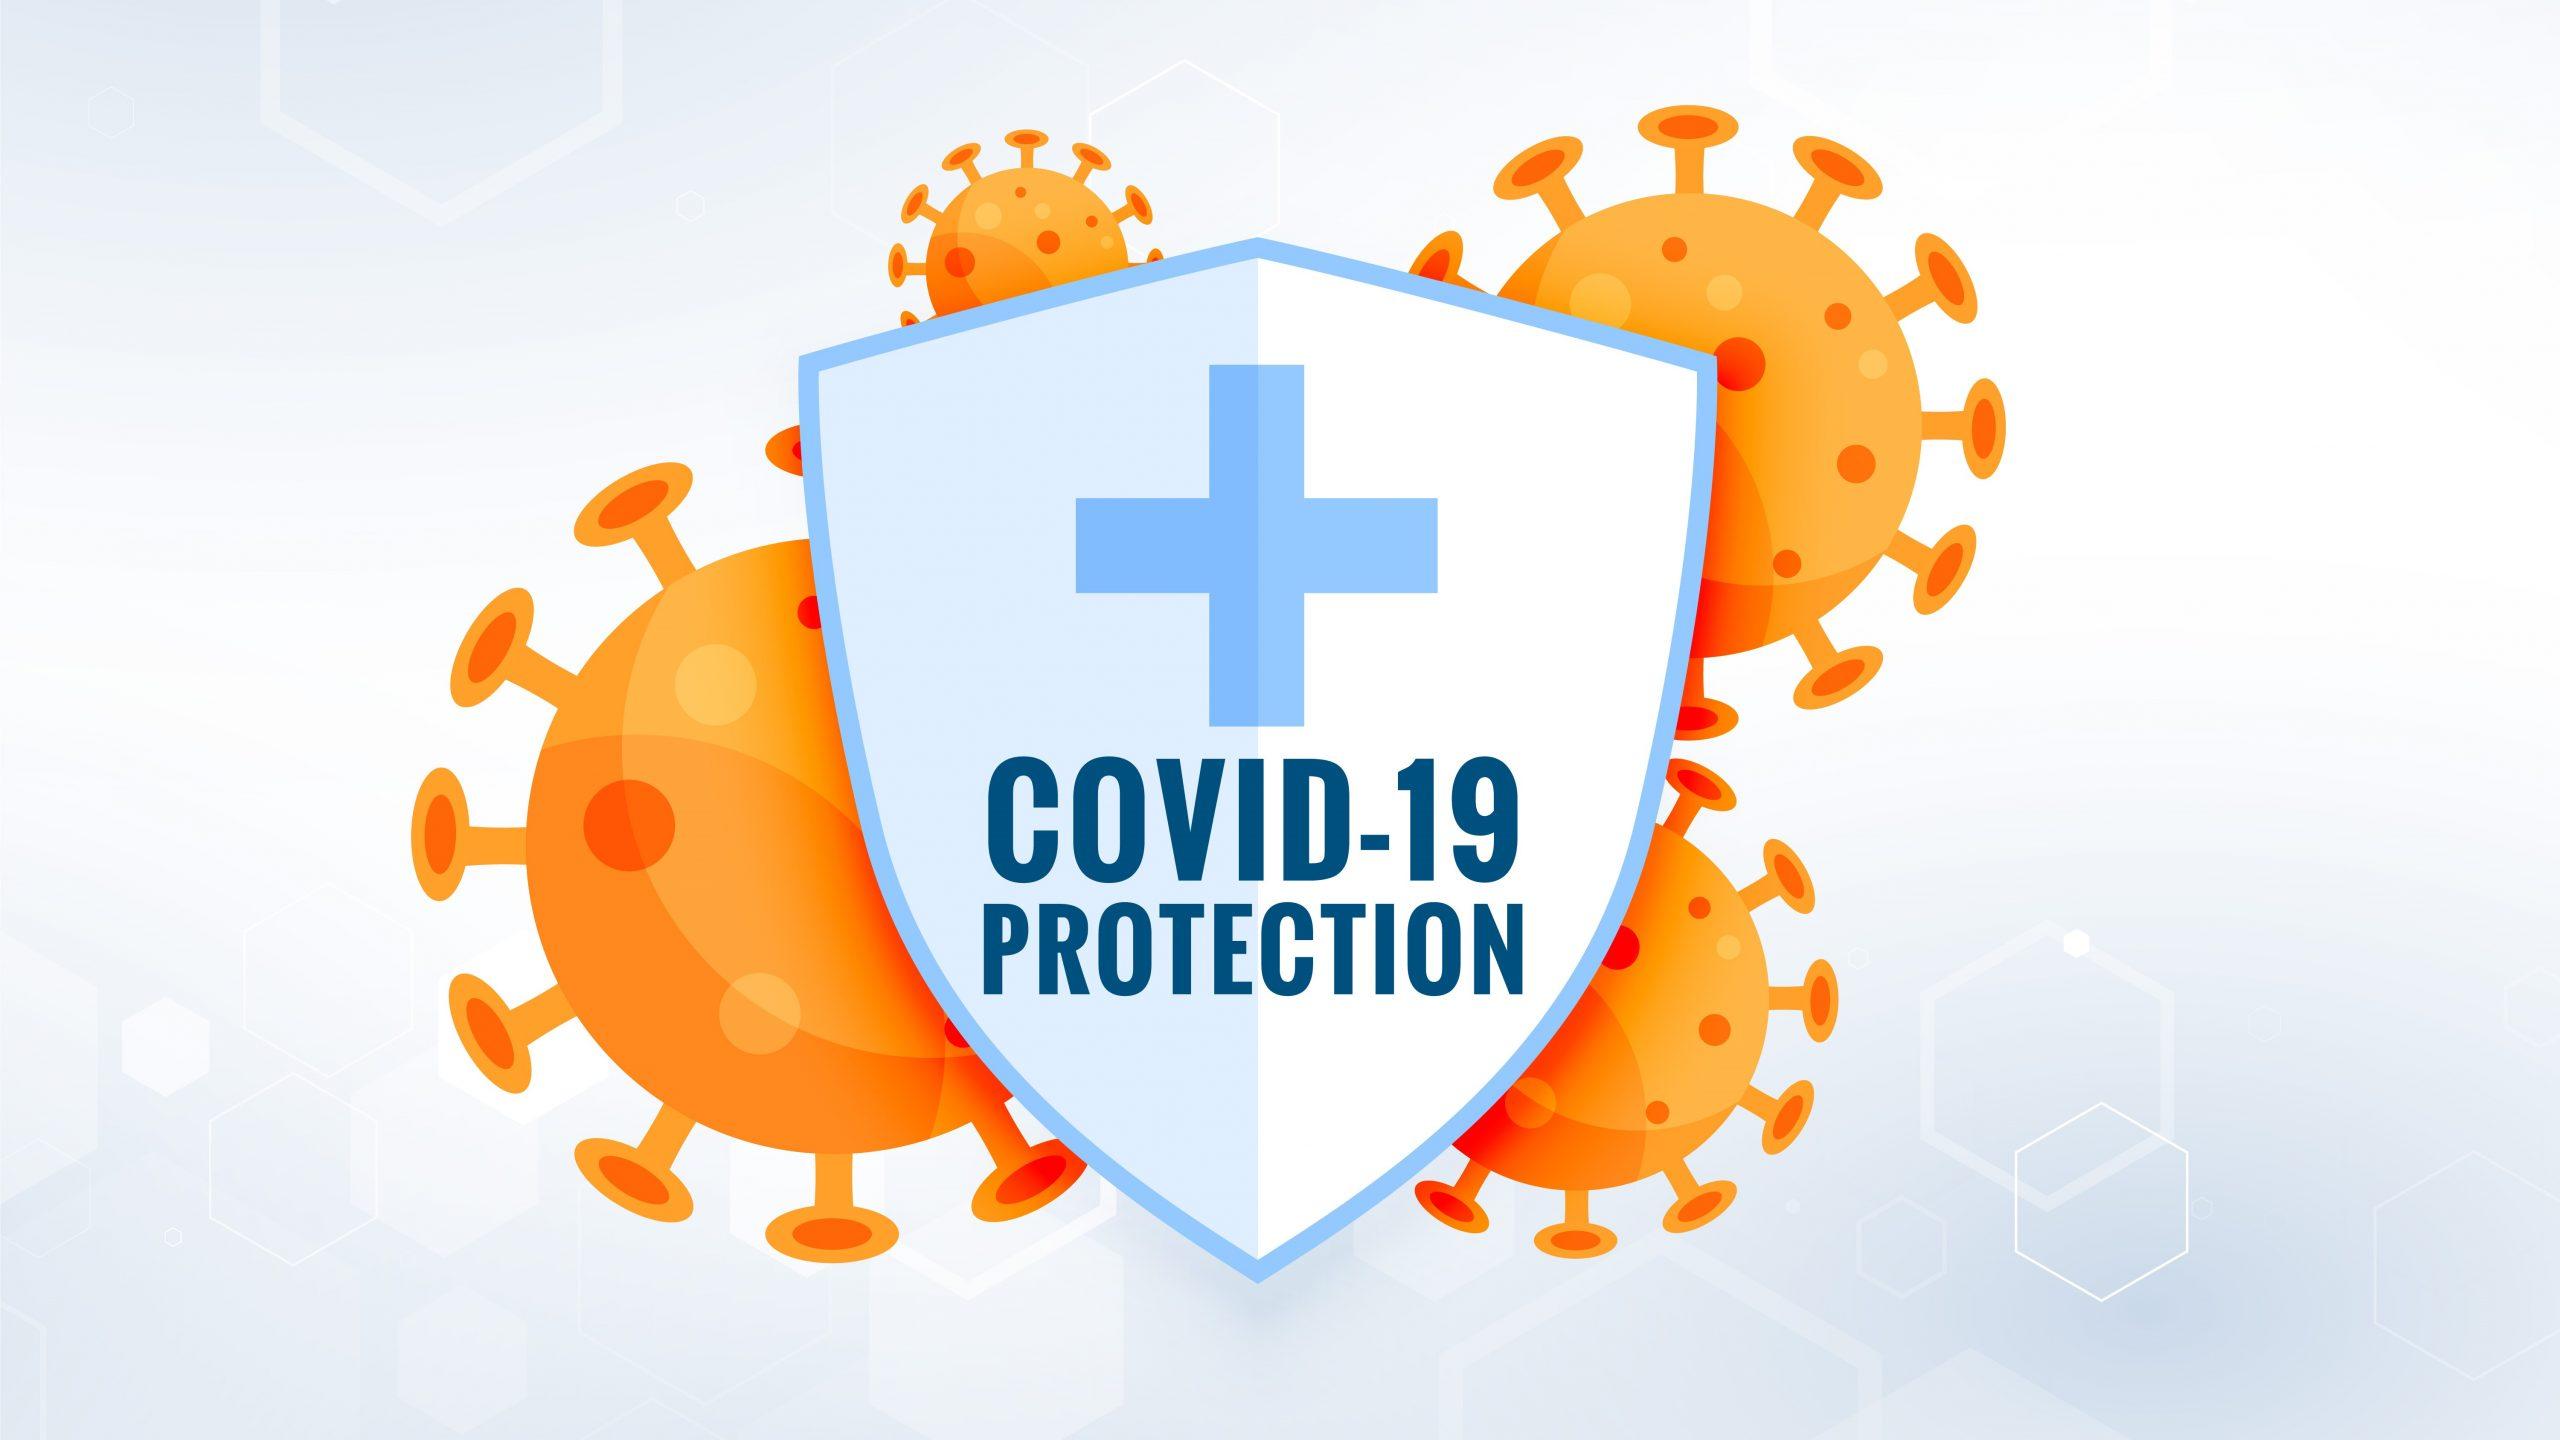 Các biện pháp phòng chống lây nhiễm tại doanh nghiệp được đặt lên hàng đầu trong giai đoạn hiện nay